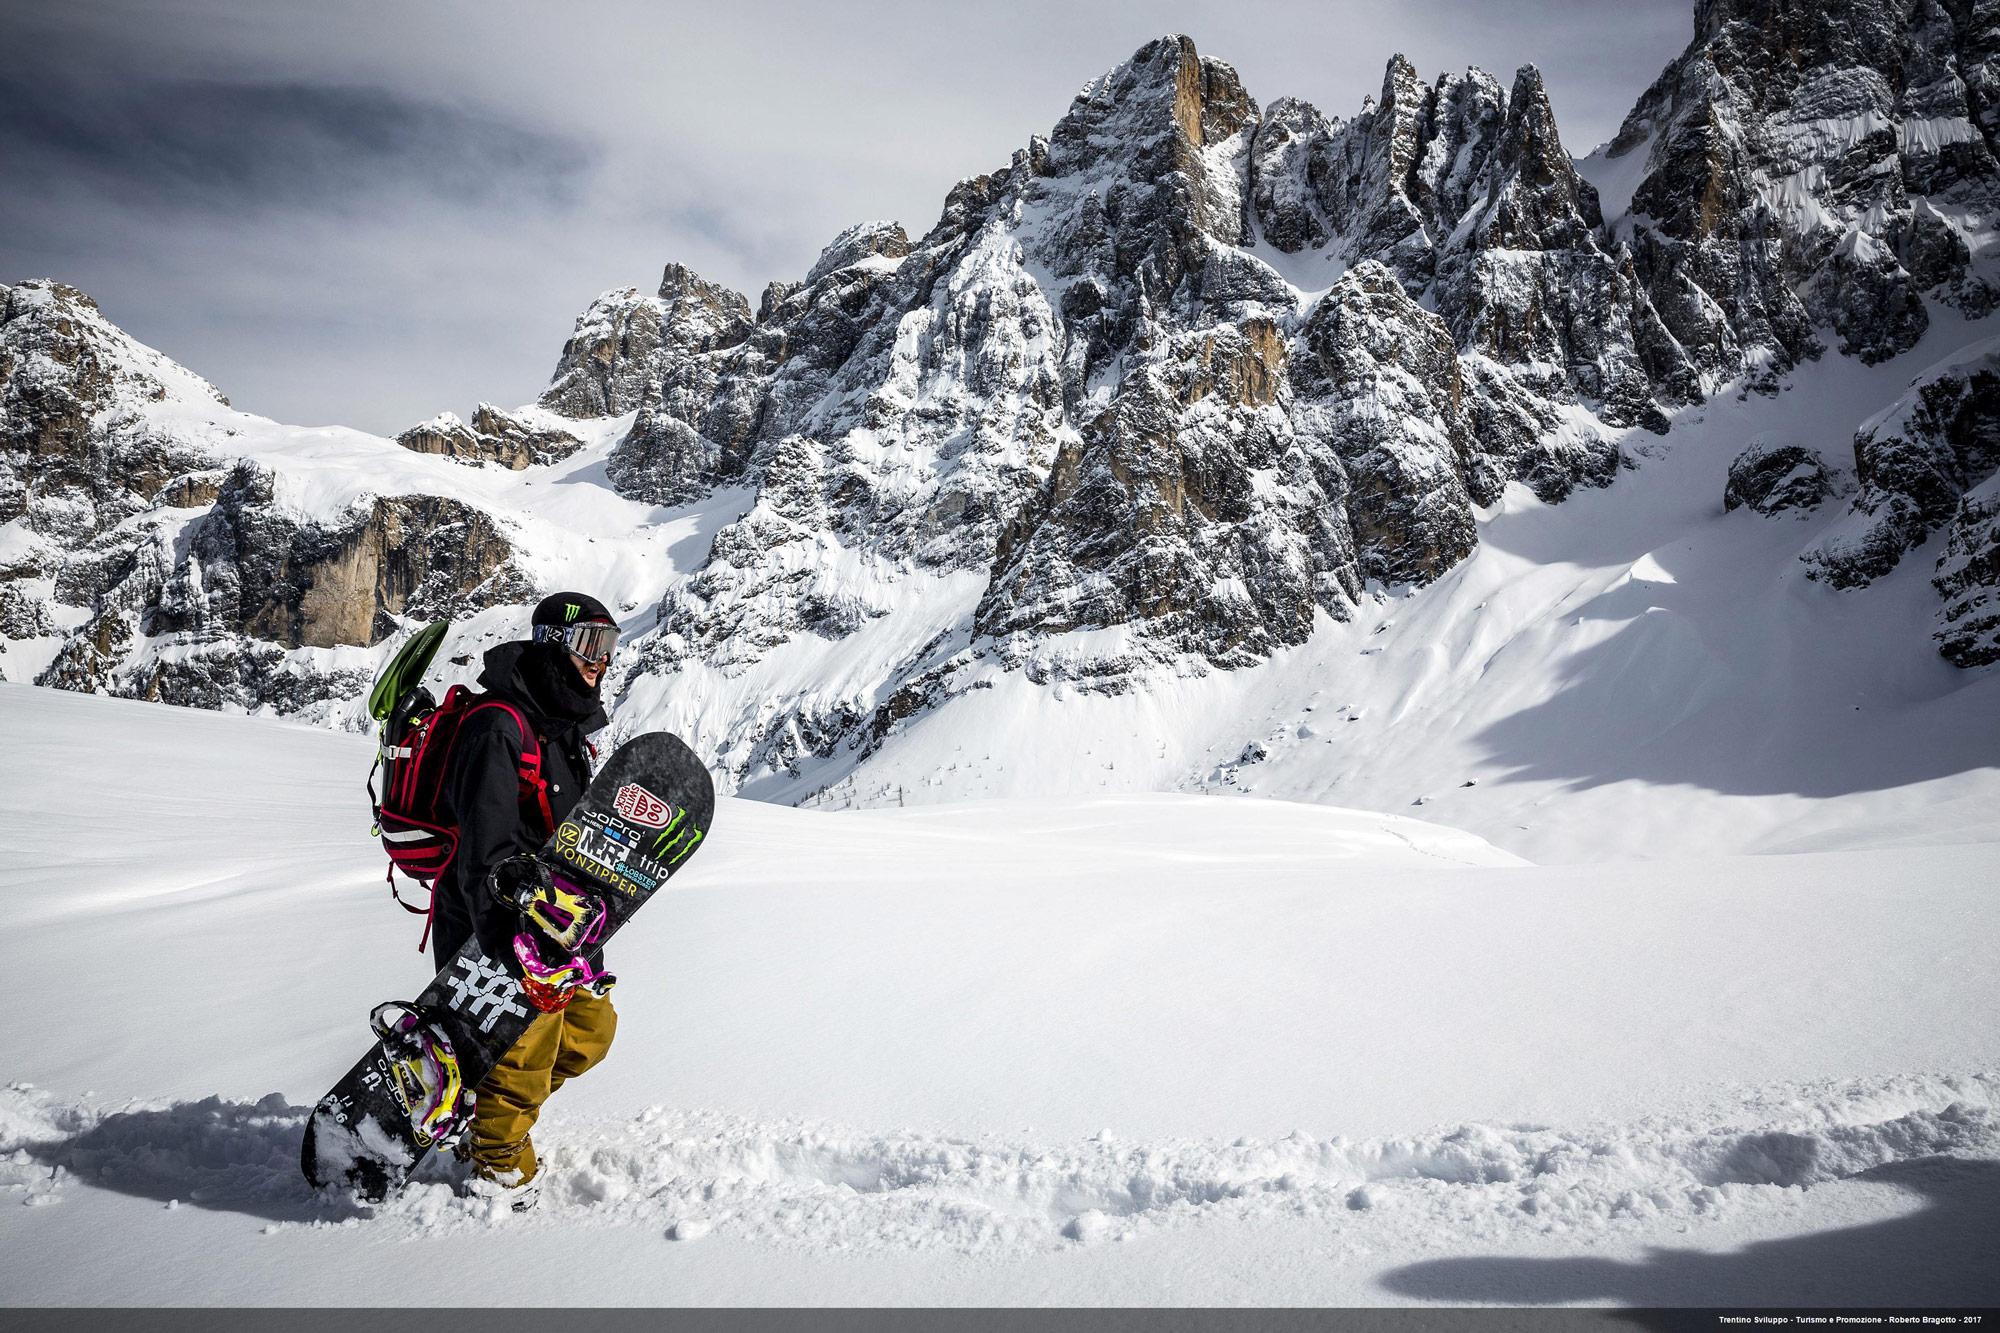 San Martino di Castrozza, Passo-Rolle, Snowboarder-im-Tiefschnee (Foto: Roberto Bragotto)